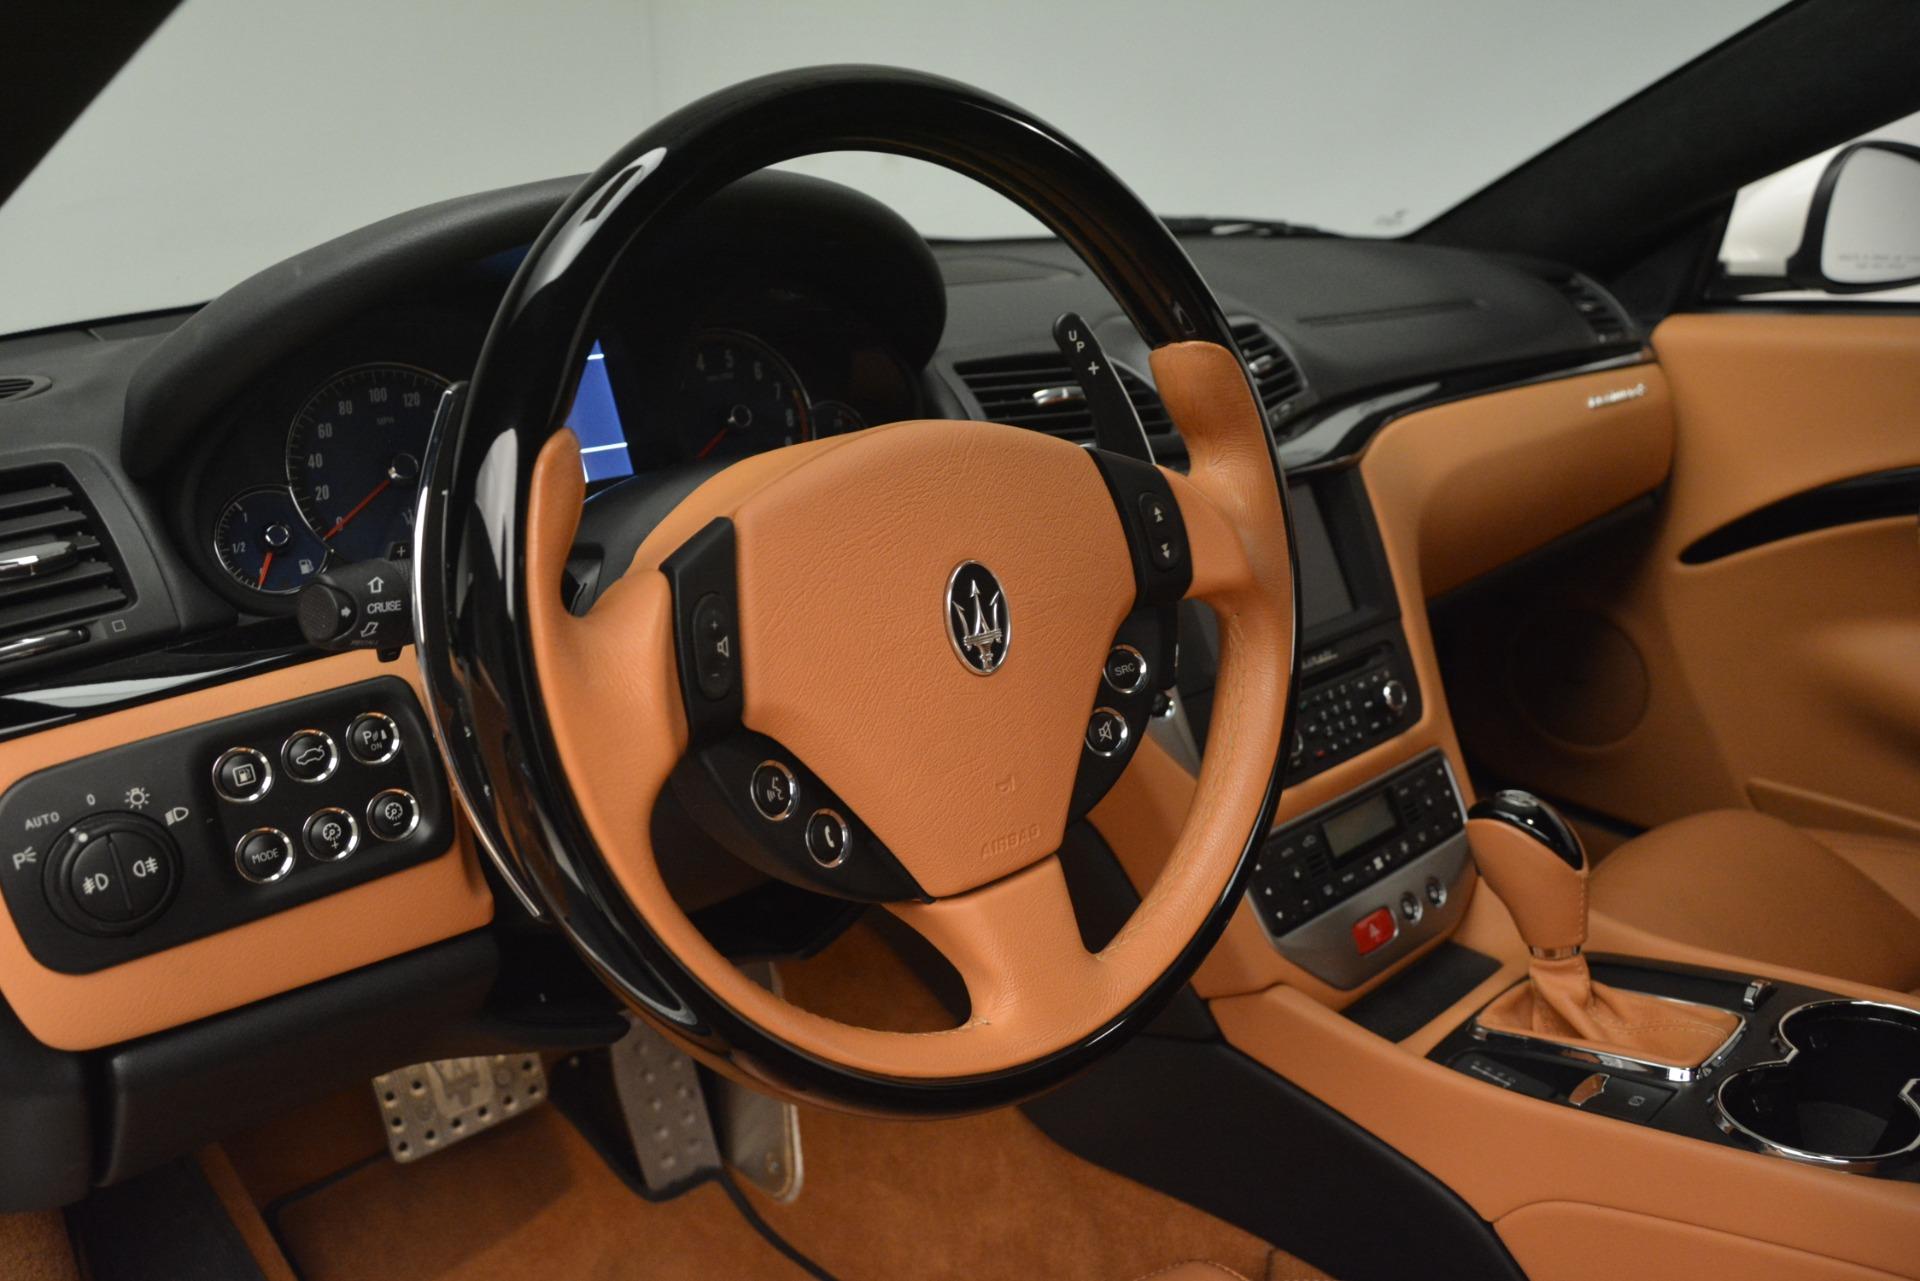 Used 2011 Maserati GranTurismo S Automatic For Sale In Greenwich, CT 3061_p19